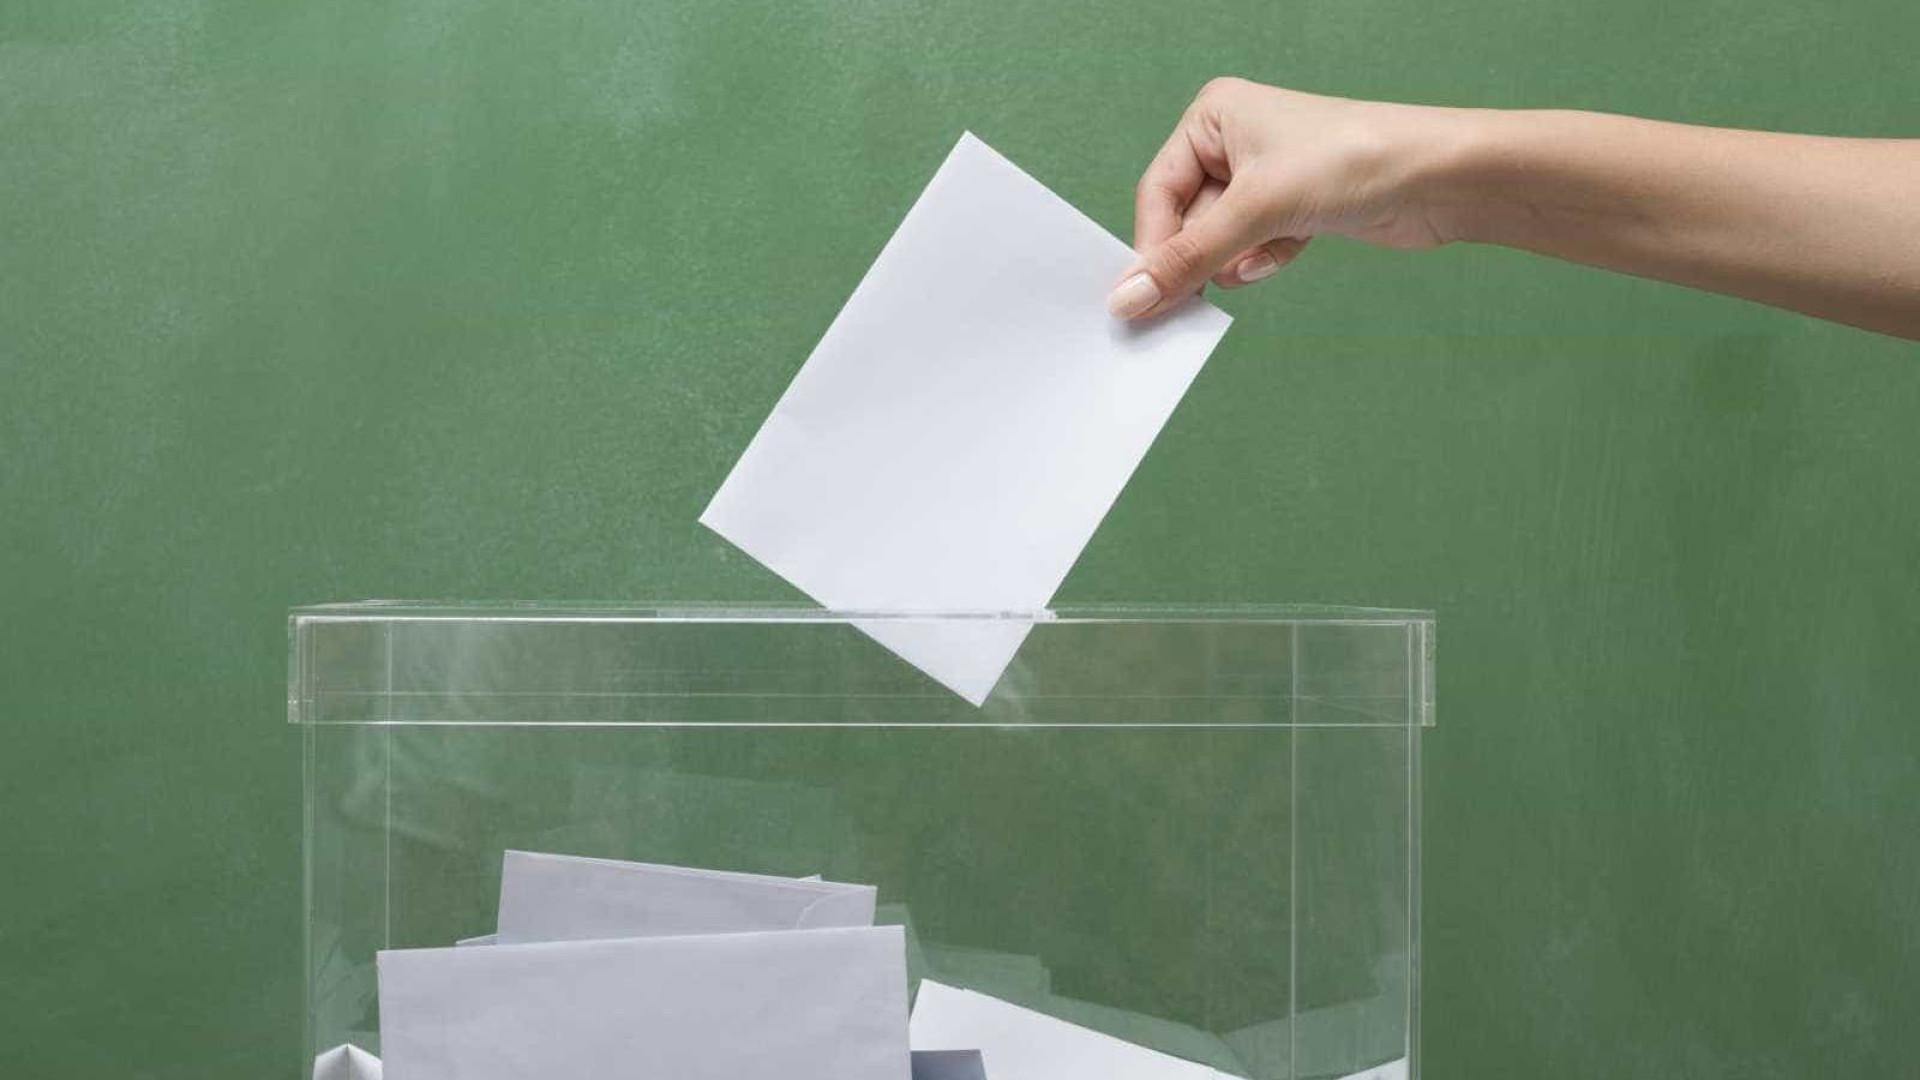 União Europeia preocupada com eleições legislativas no Gabão